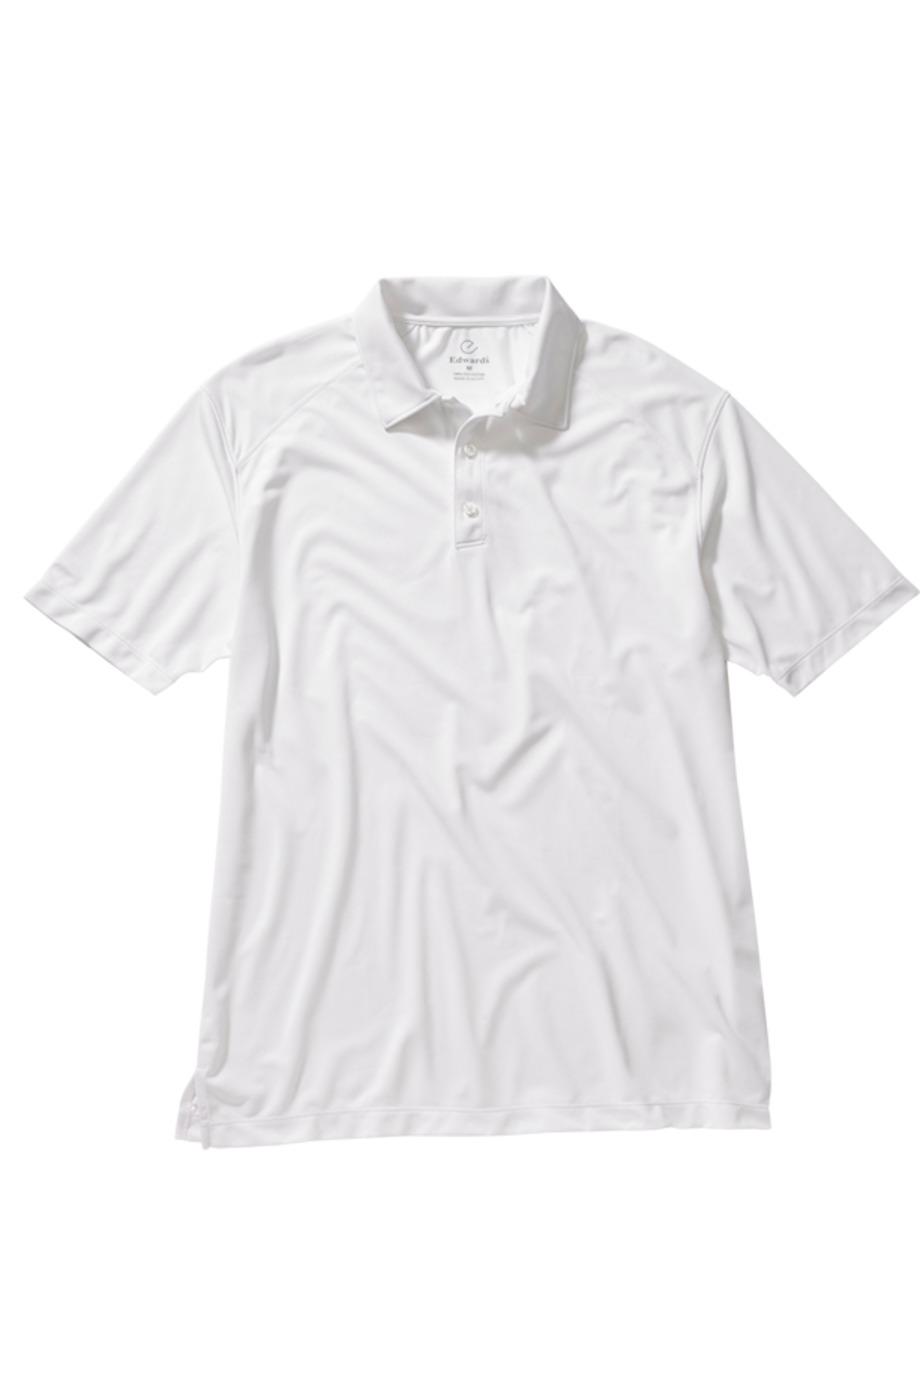 Edwards Garment 1516 - Men's Micro-Pique Polo With Self-Fabric Collar